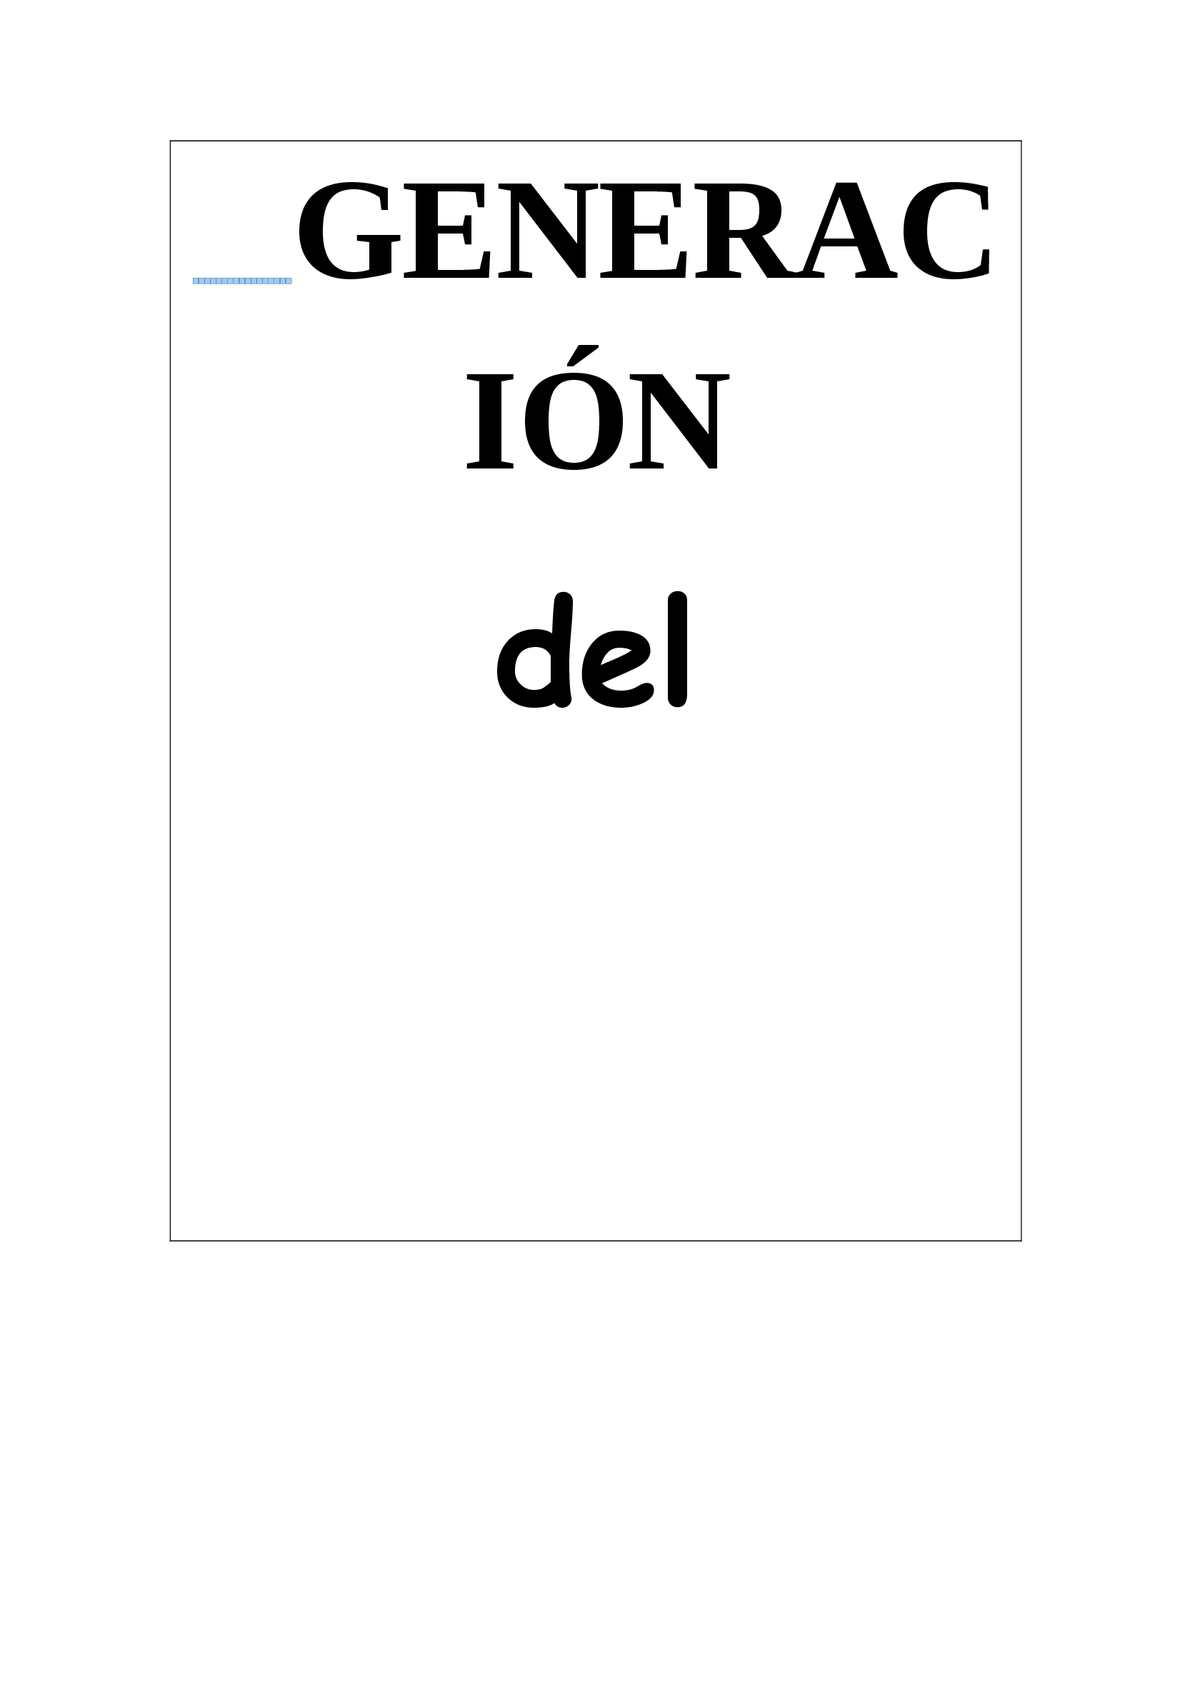 Calaméo - GENERACIÓN DEL 27